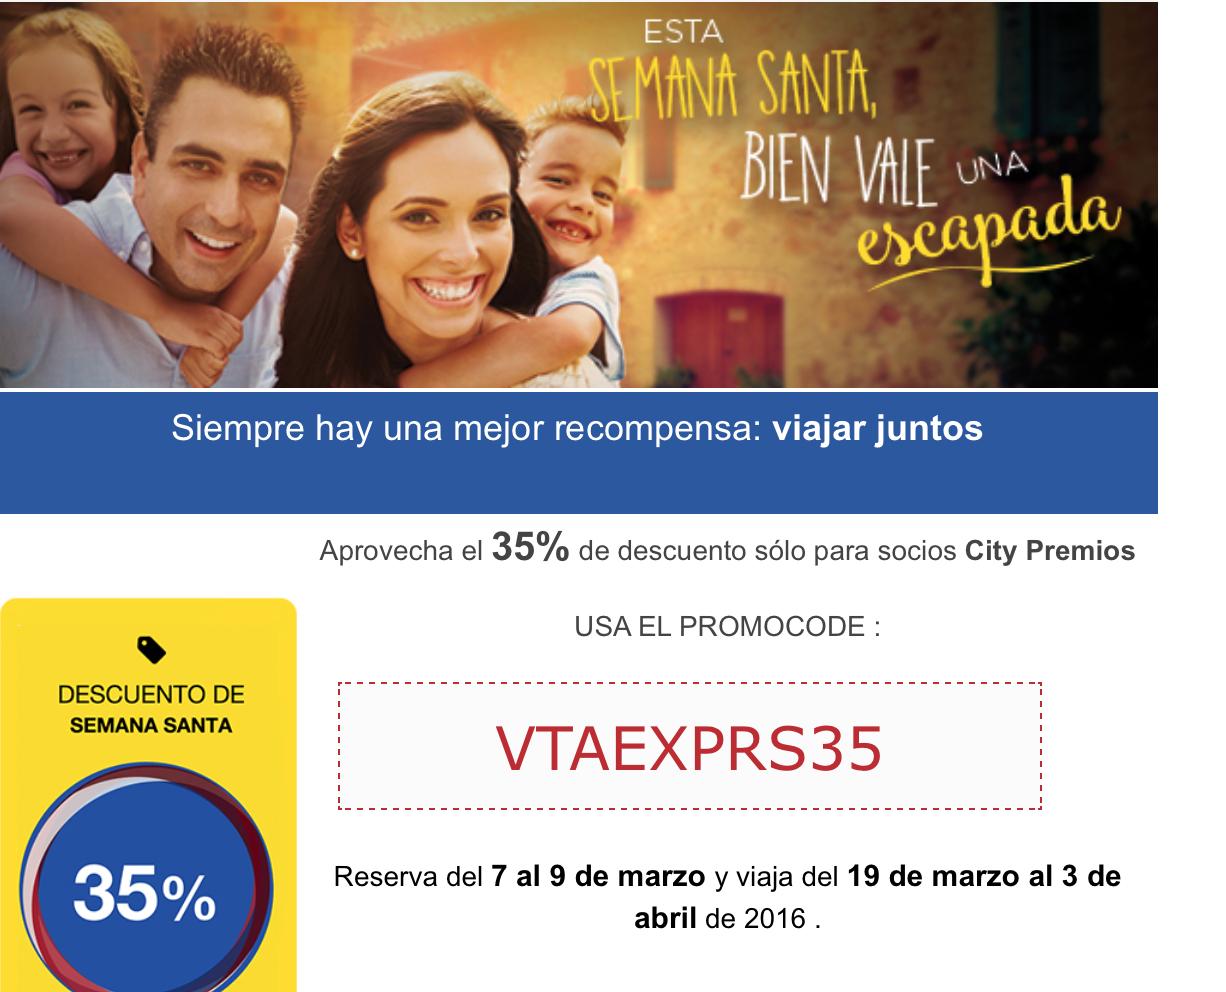 Citypremios esta regalando por subscripción  $200 pesos para usuarios nuevos en linio en Toda la tienda.